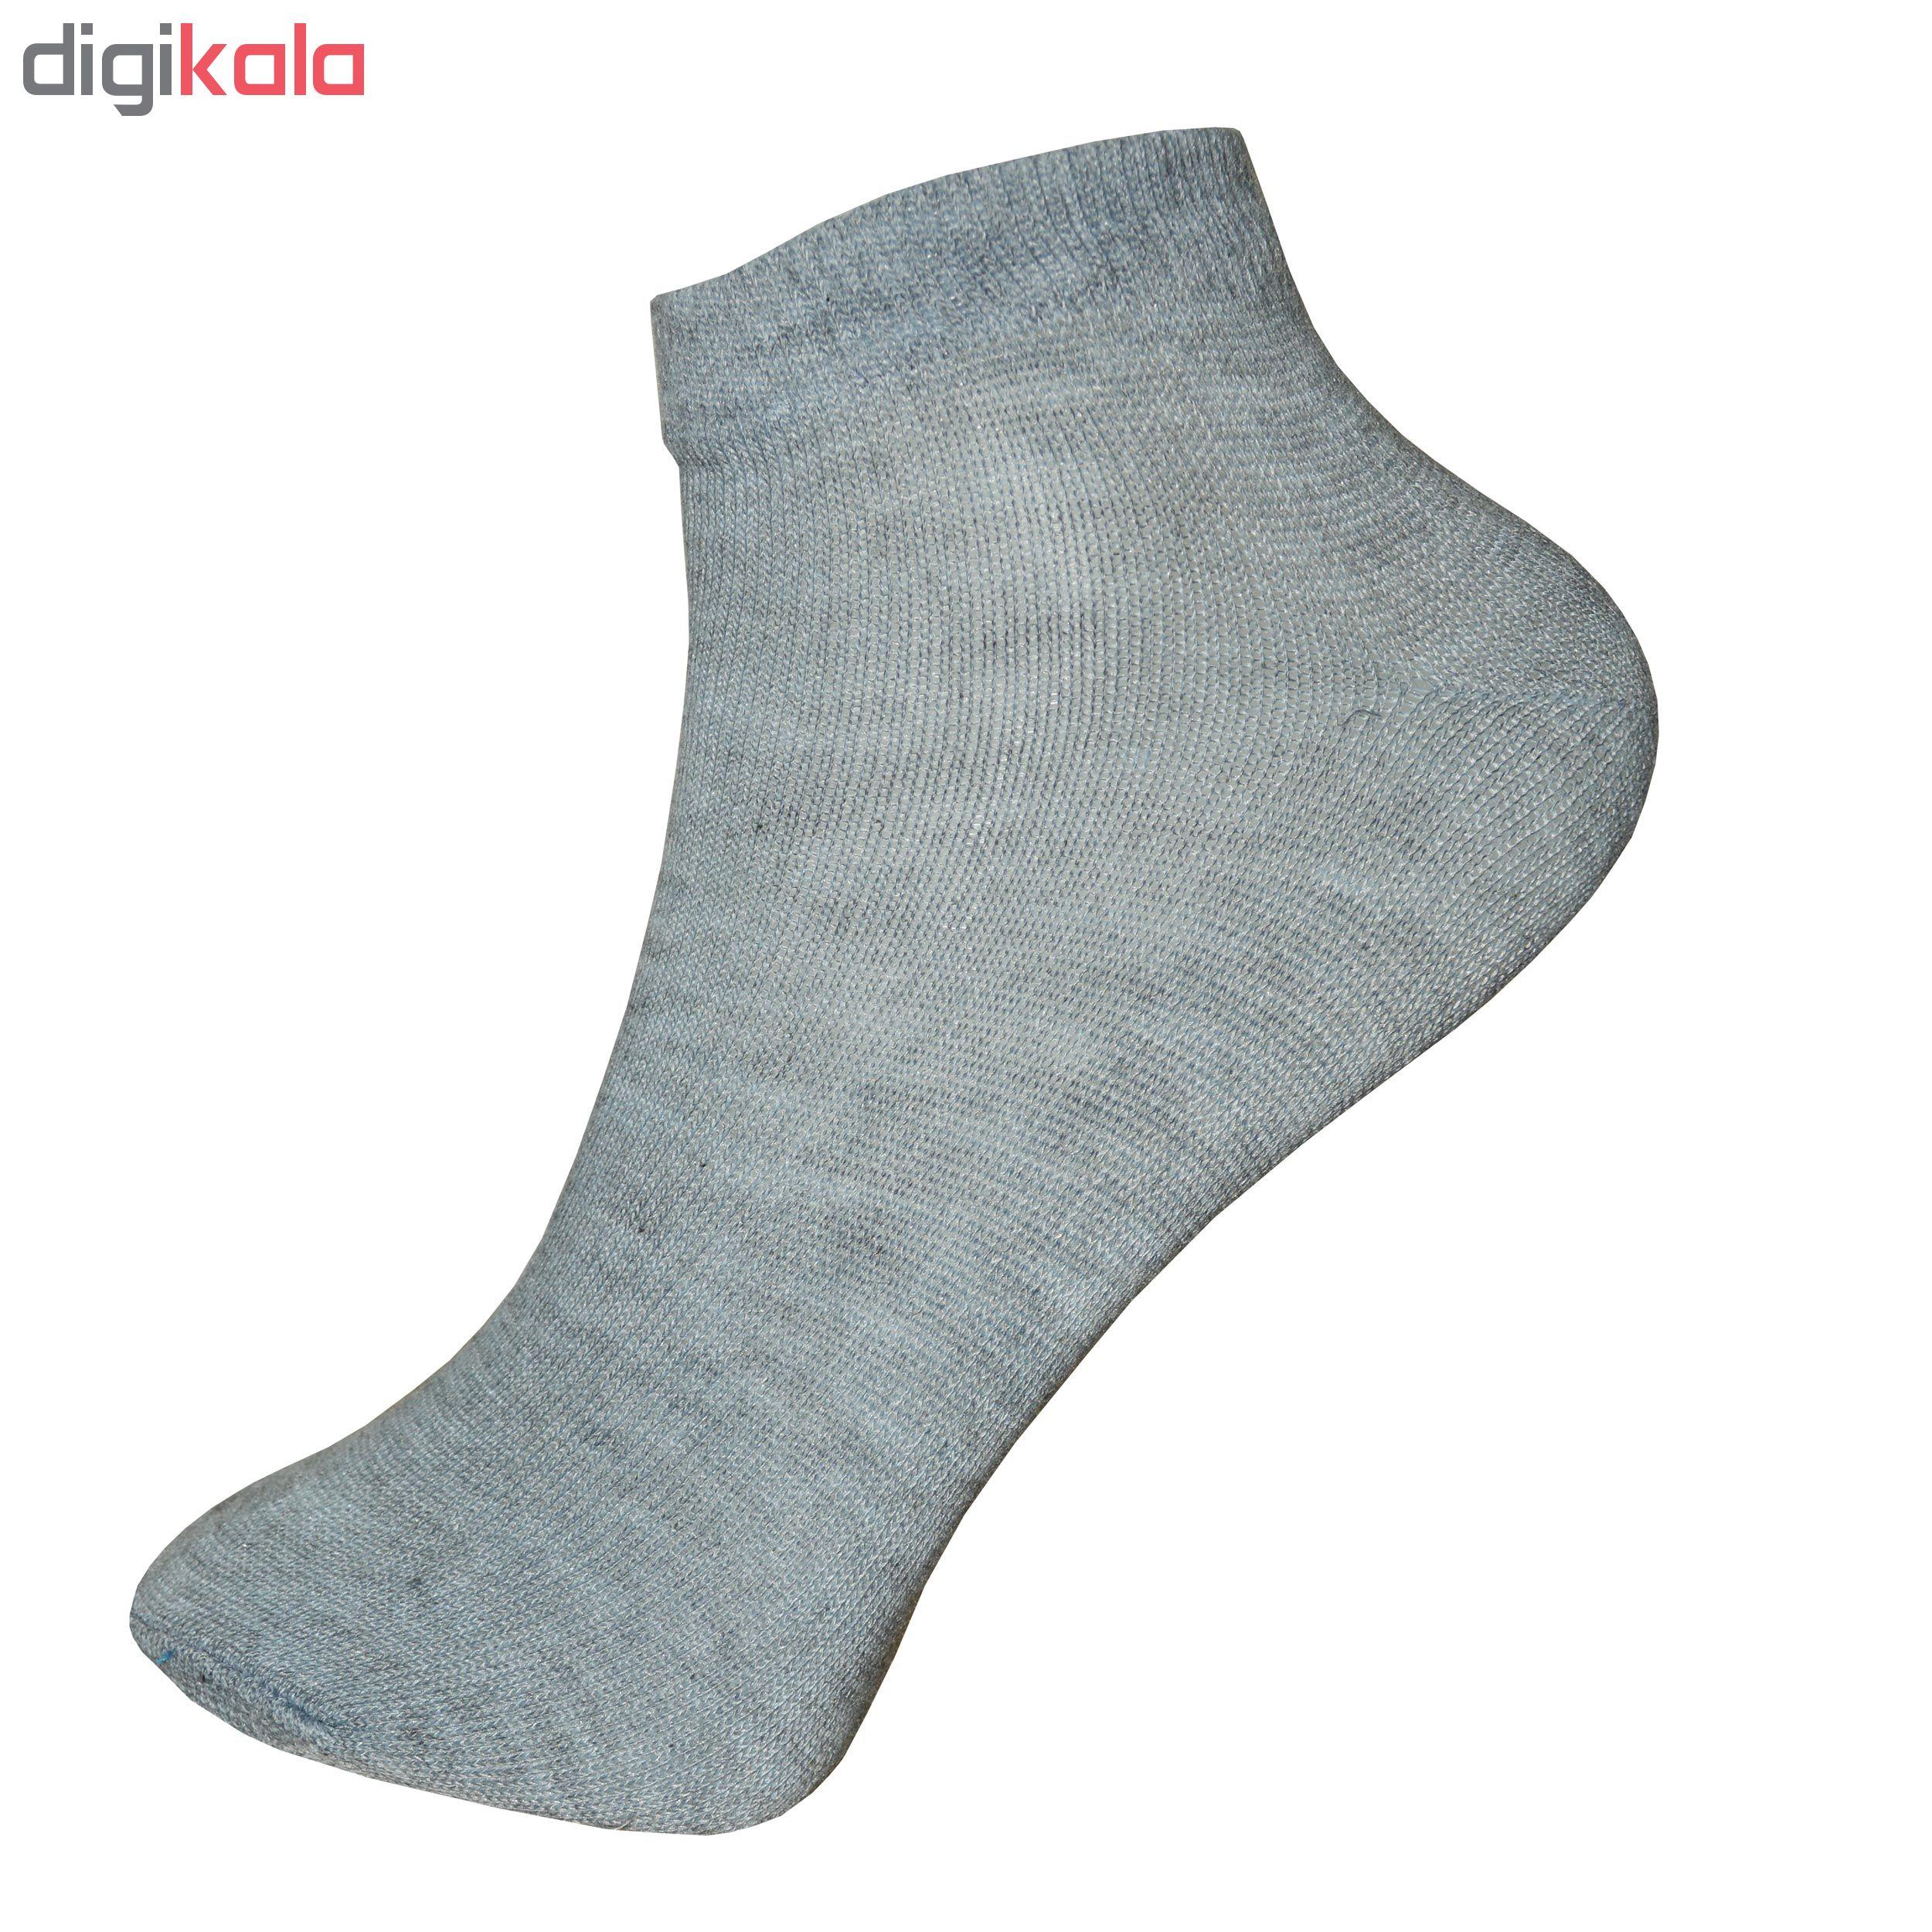 جوراب مردانه پرشیکا کد 11 بسته 12 عددی